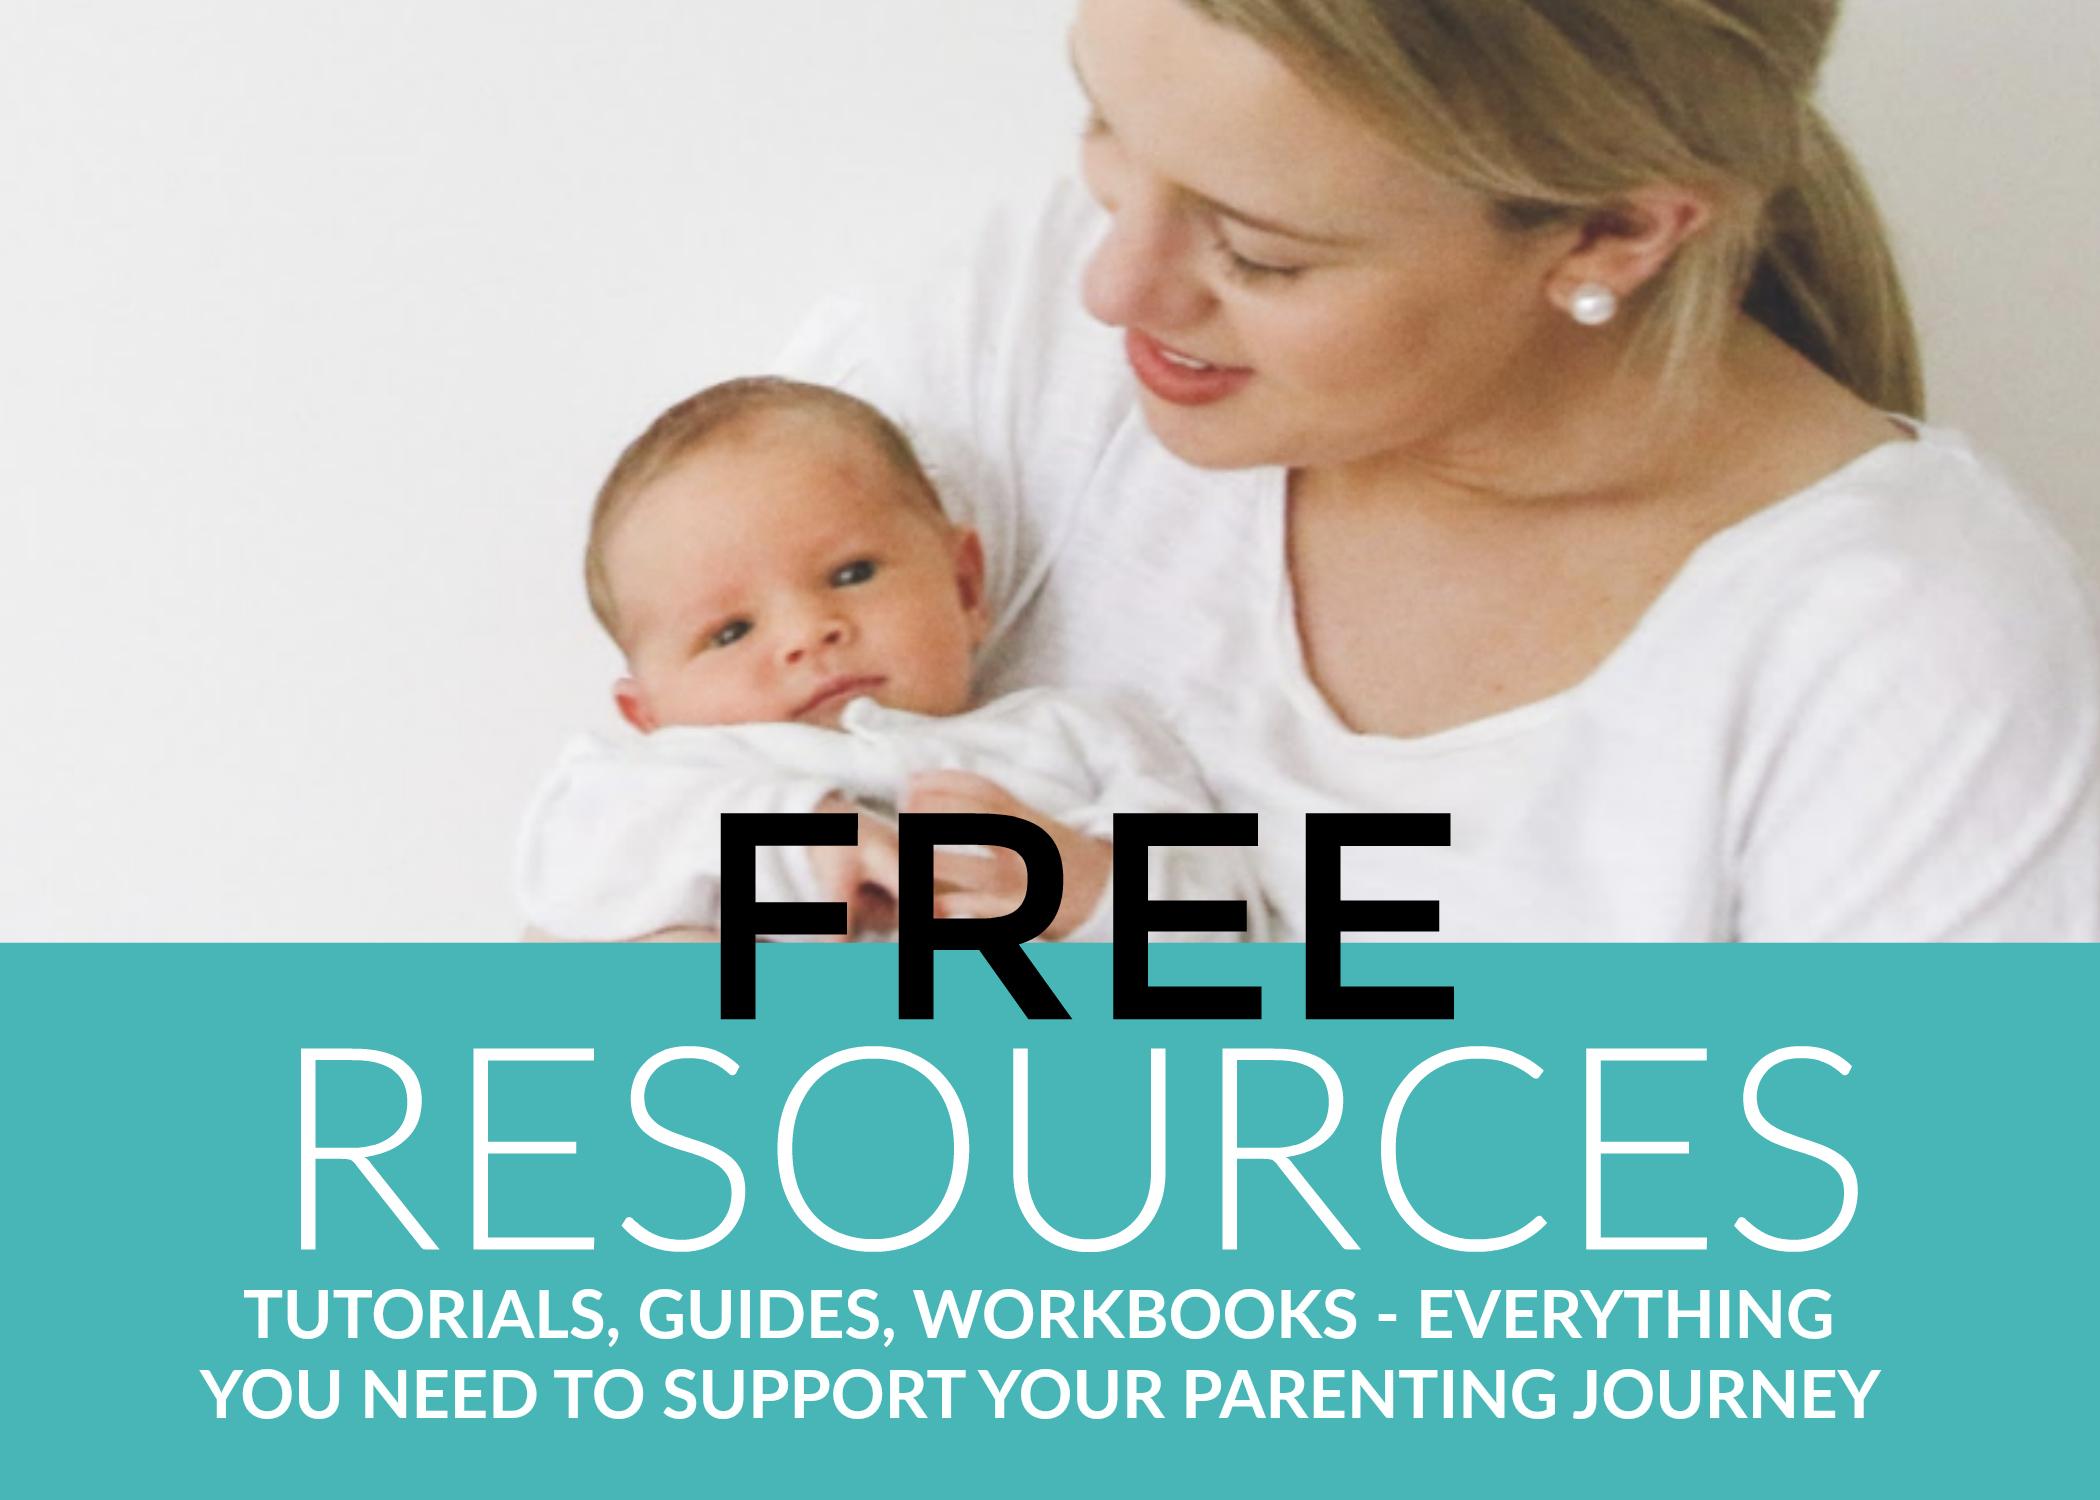 freeresources.jpg